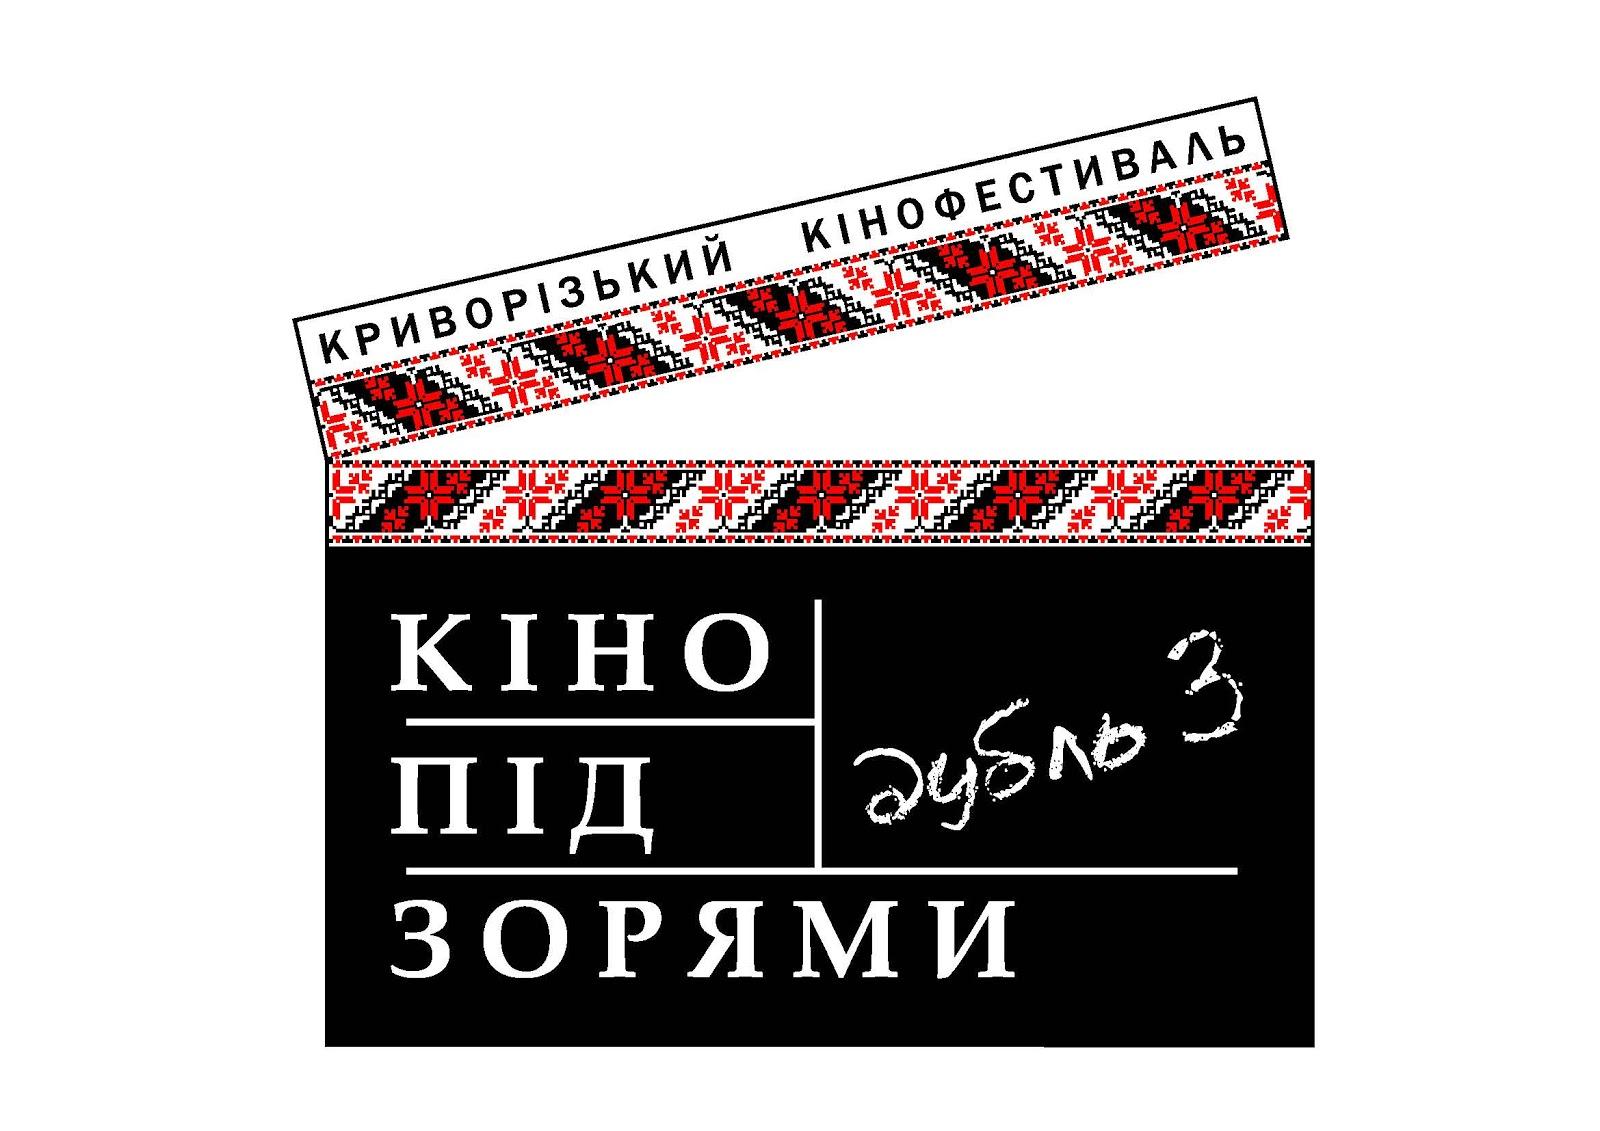 Криворожского кинофестиваля кино